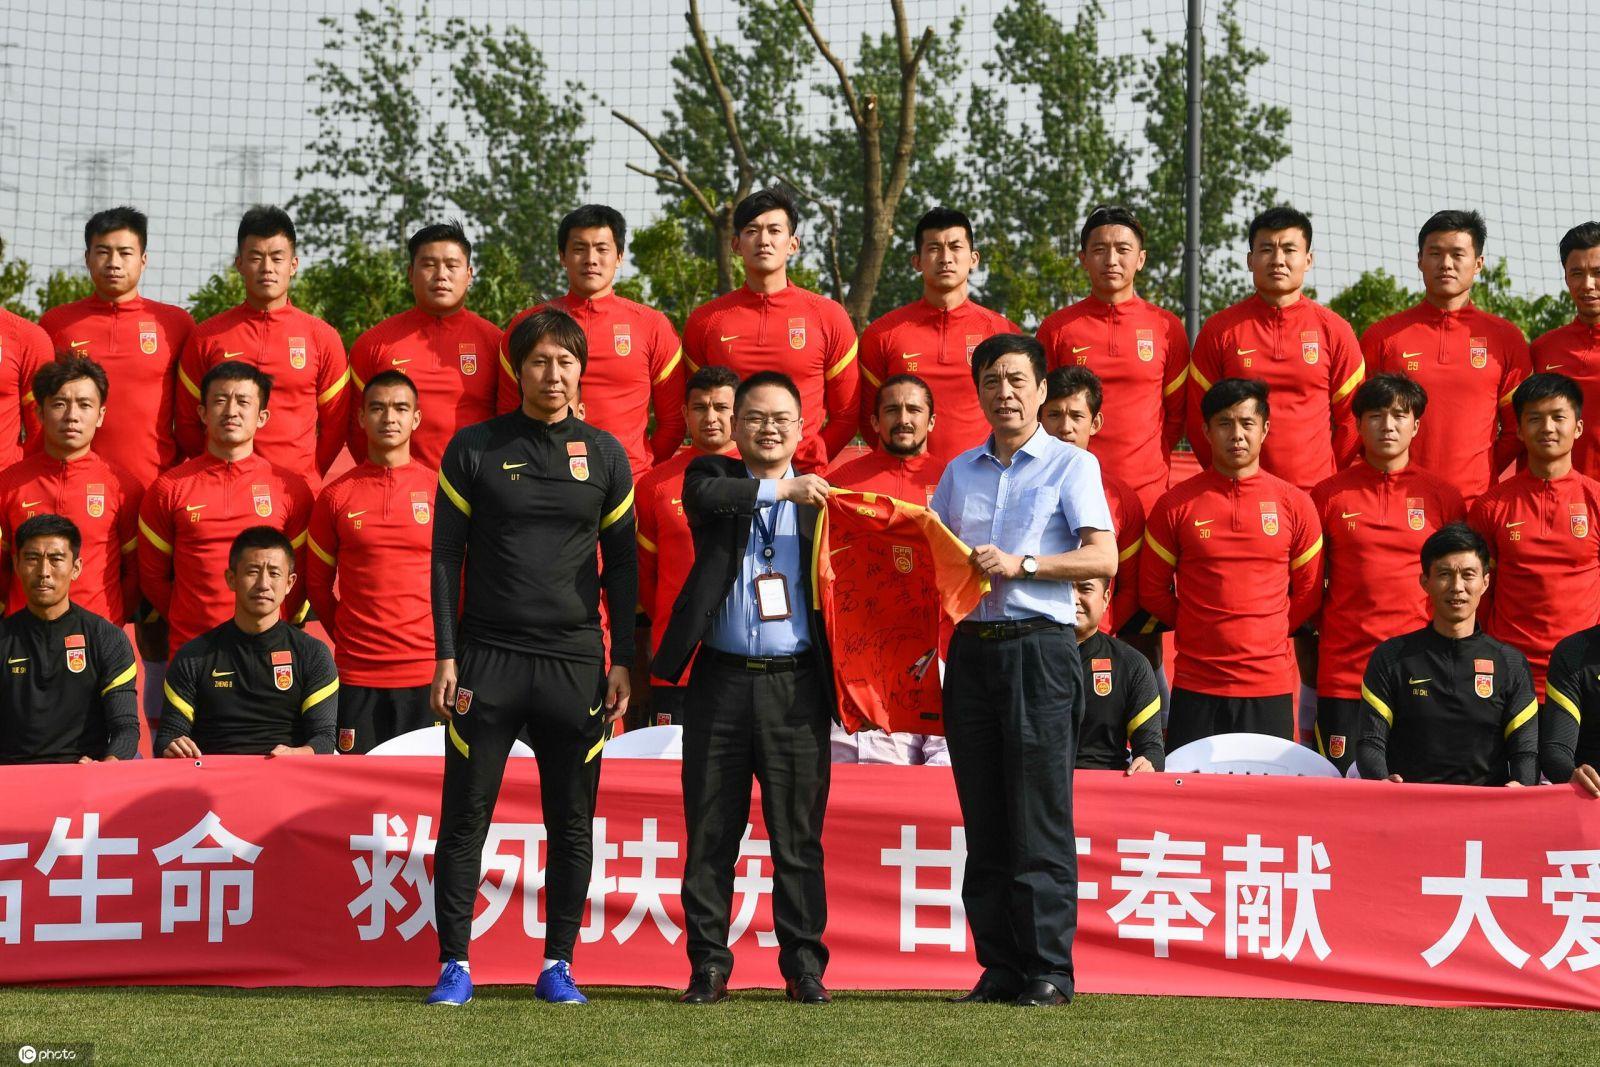 东体:几乎站着看完全场比赛,陈戌源为国足态度鼓掌